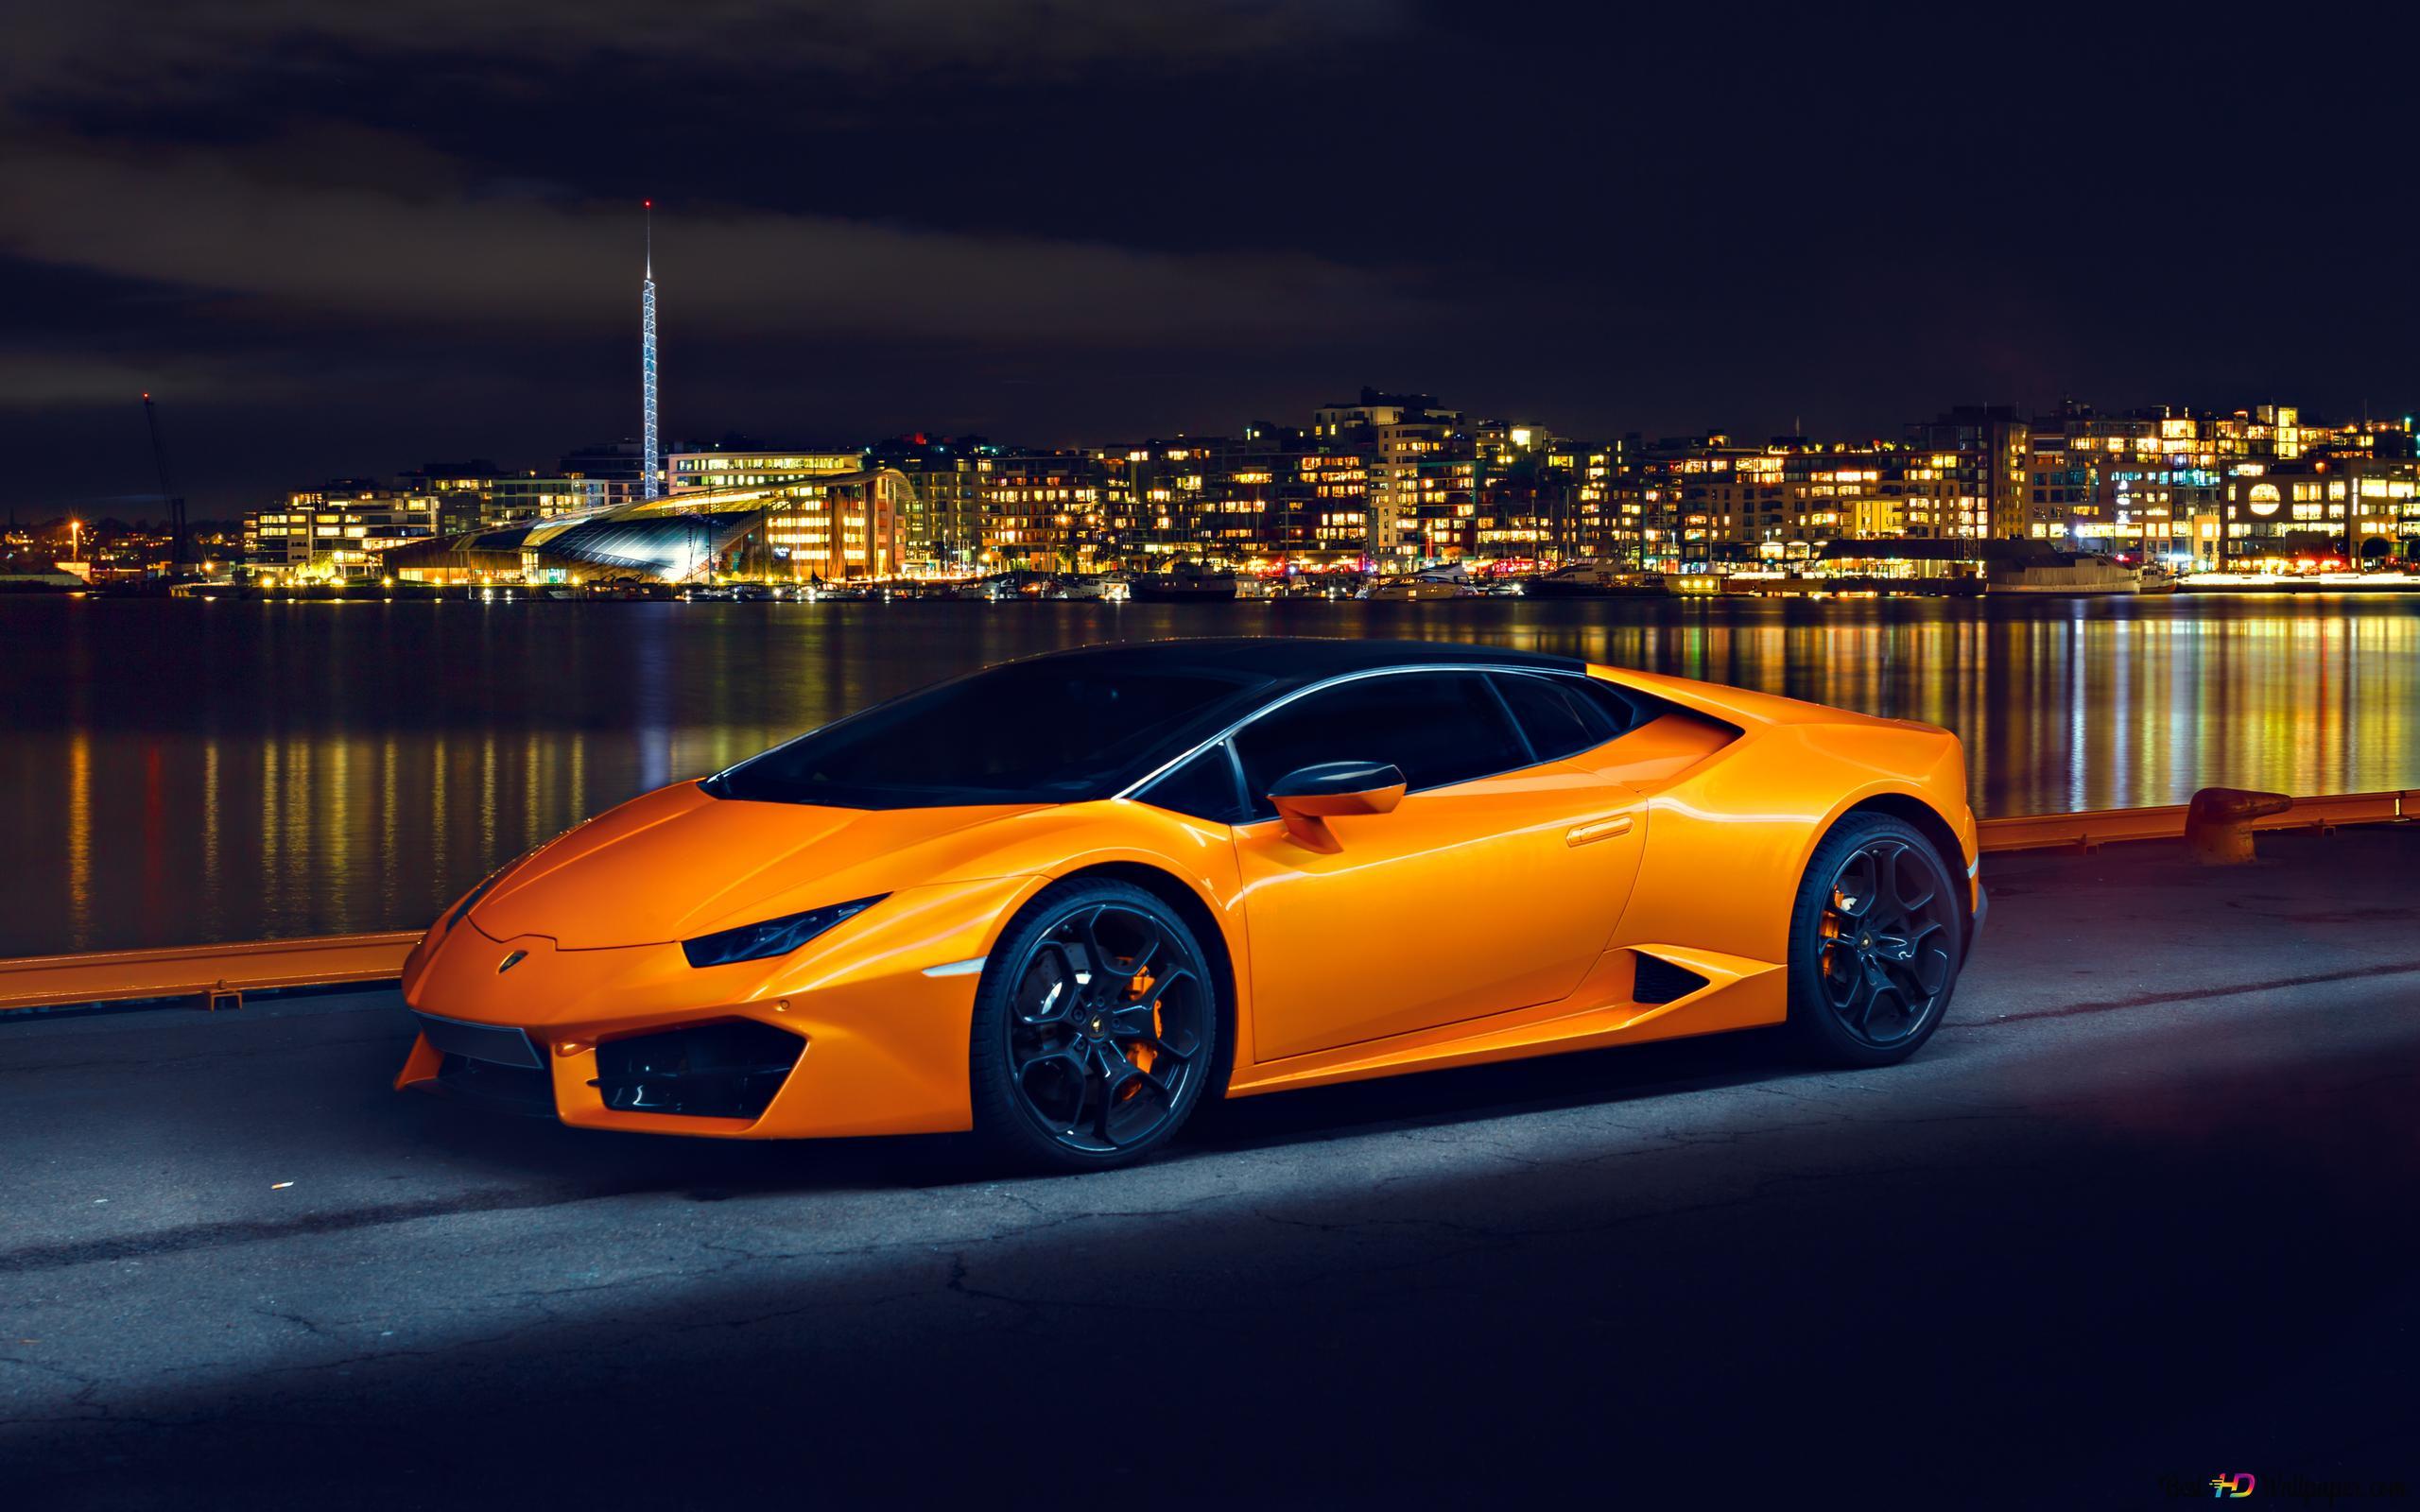 Lamborghini Huracan Car Hd Wallpaper Download